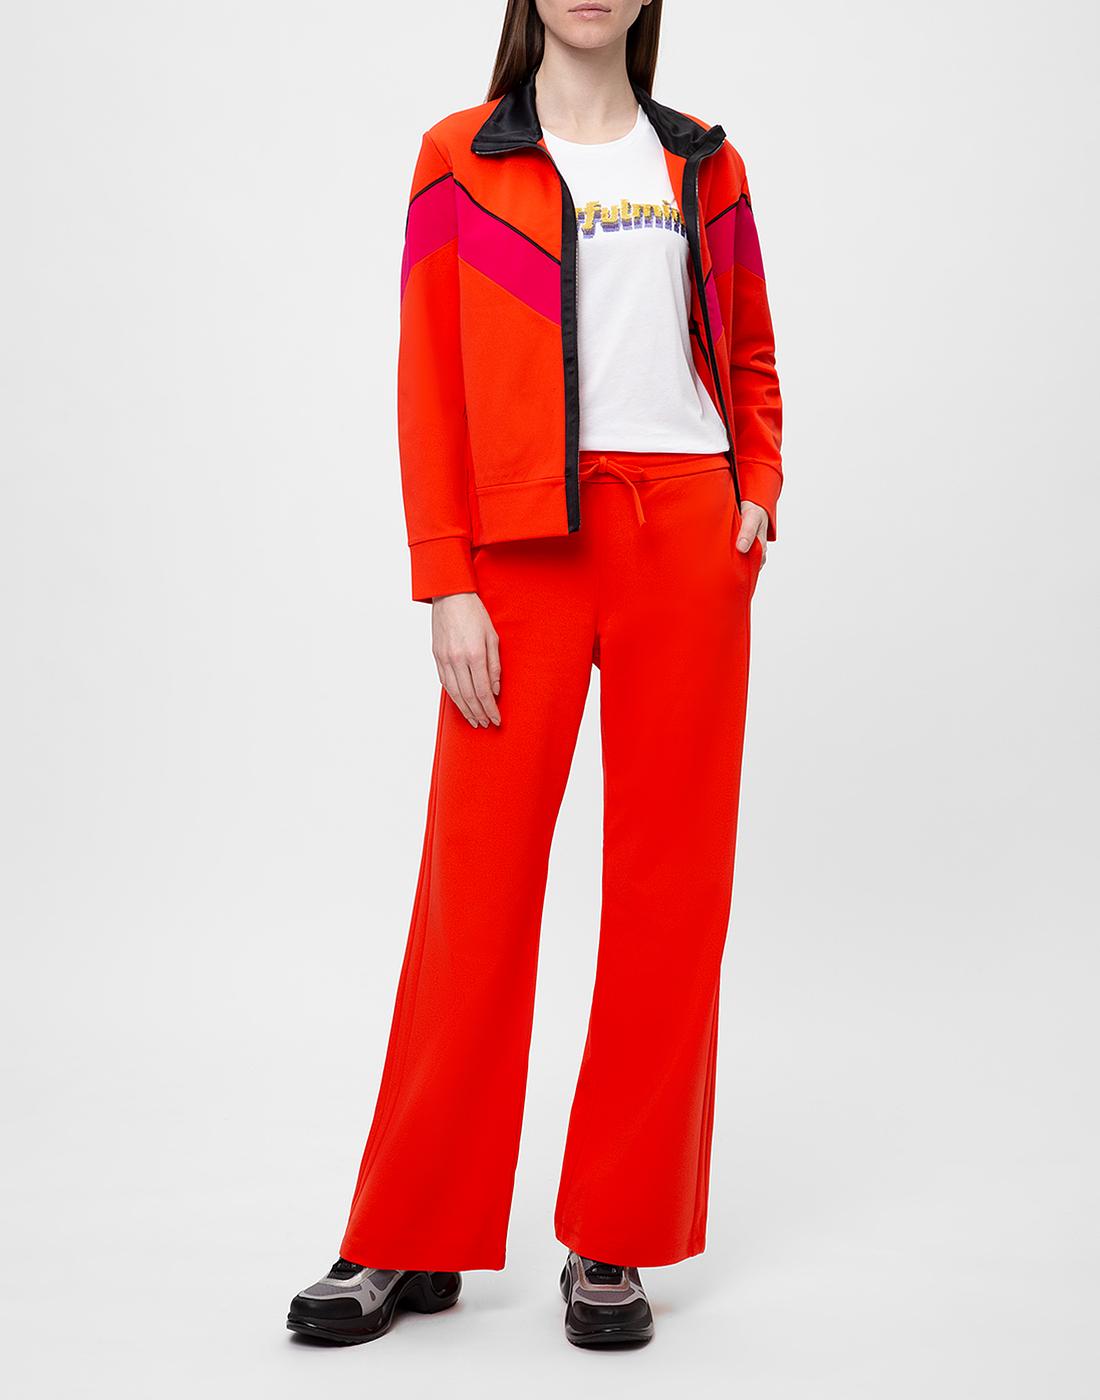 Женские красные брюки Dorothee Schumacher S626012/434-5